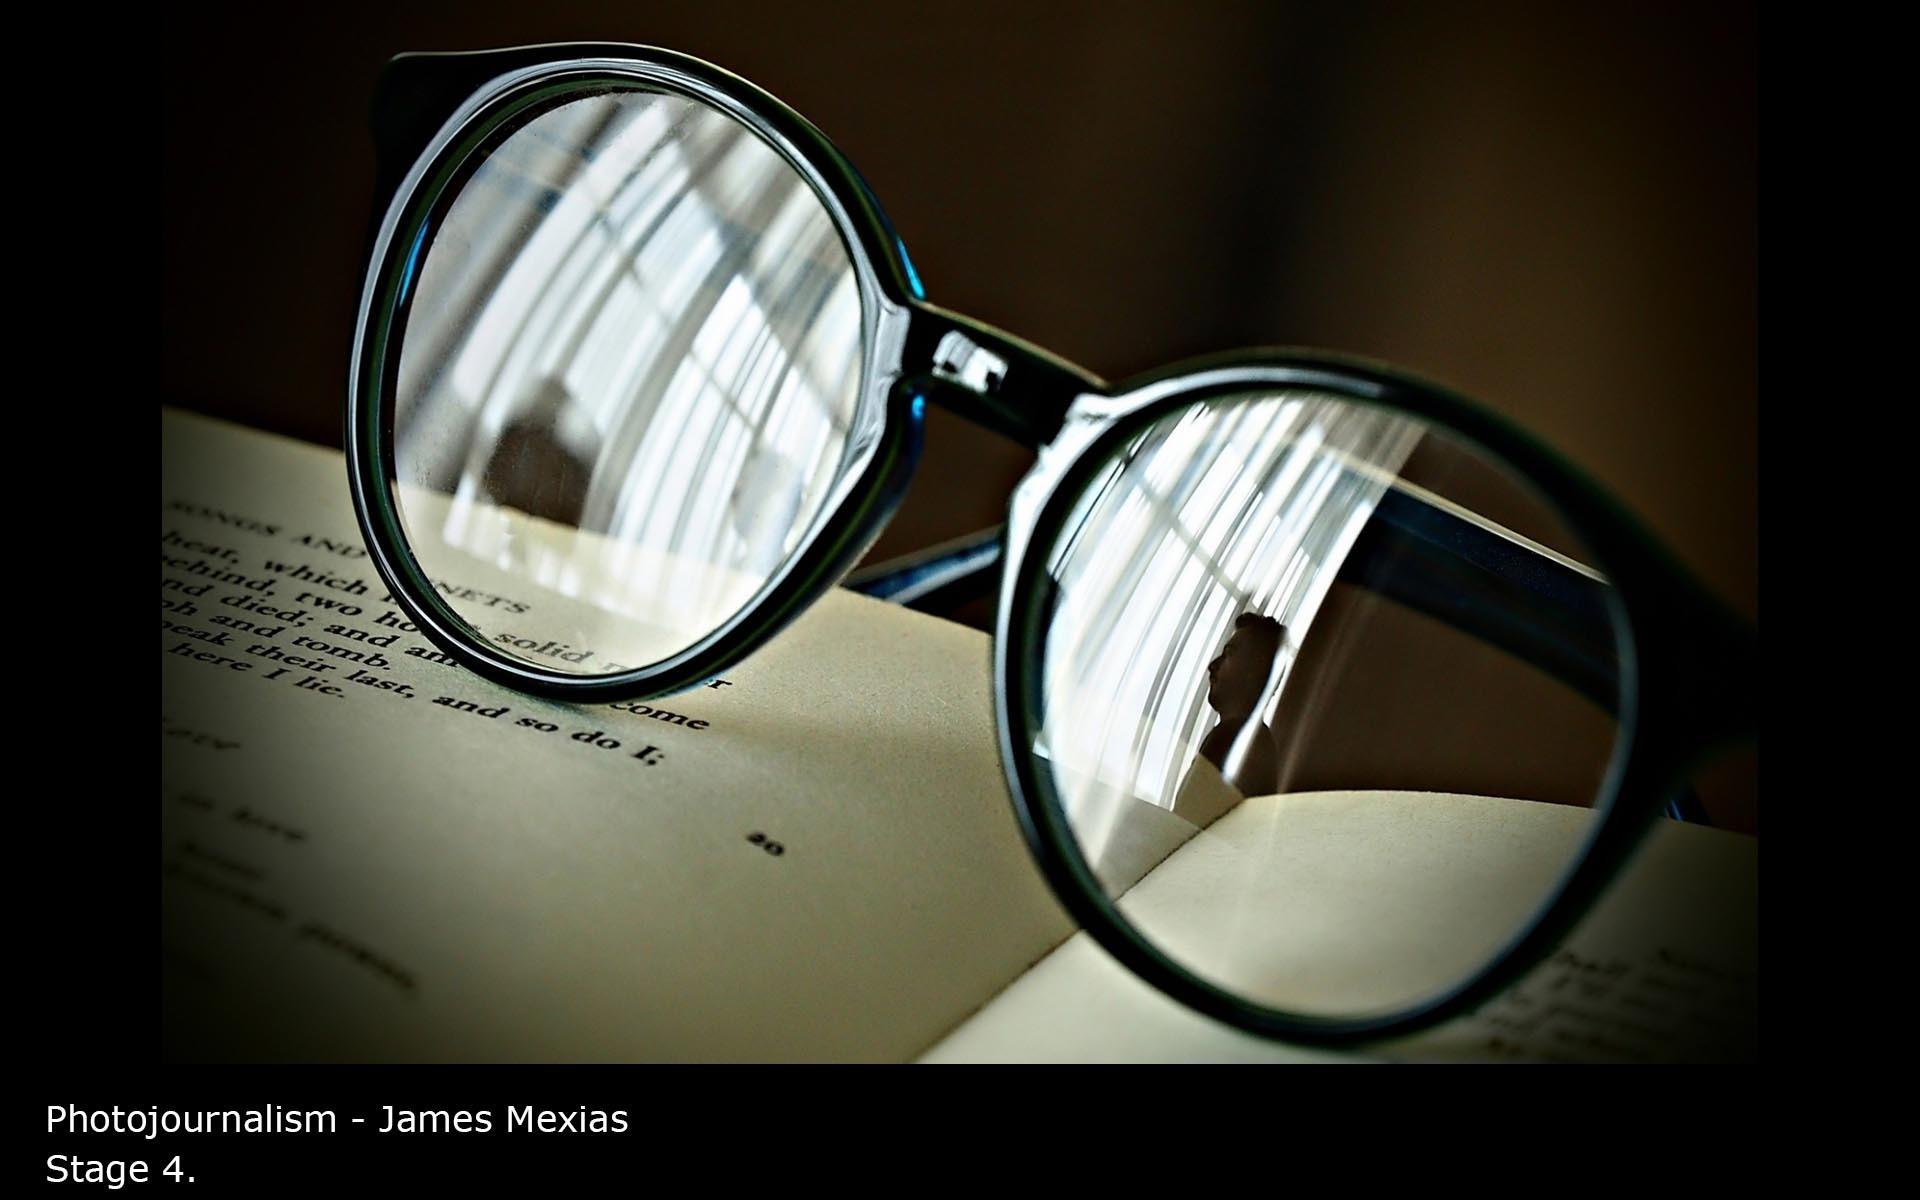 Stage 4. - James Mexias